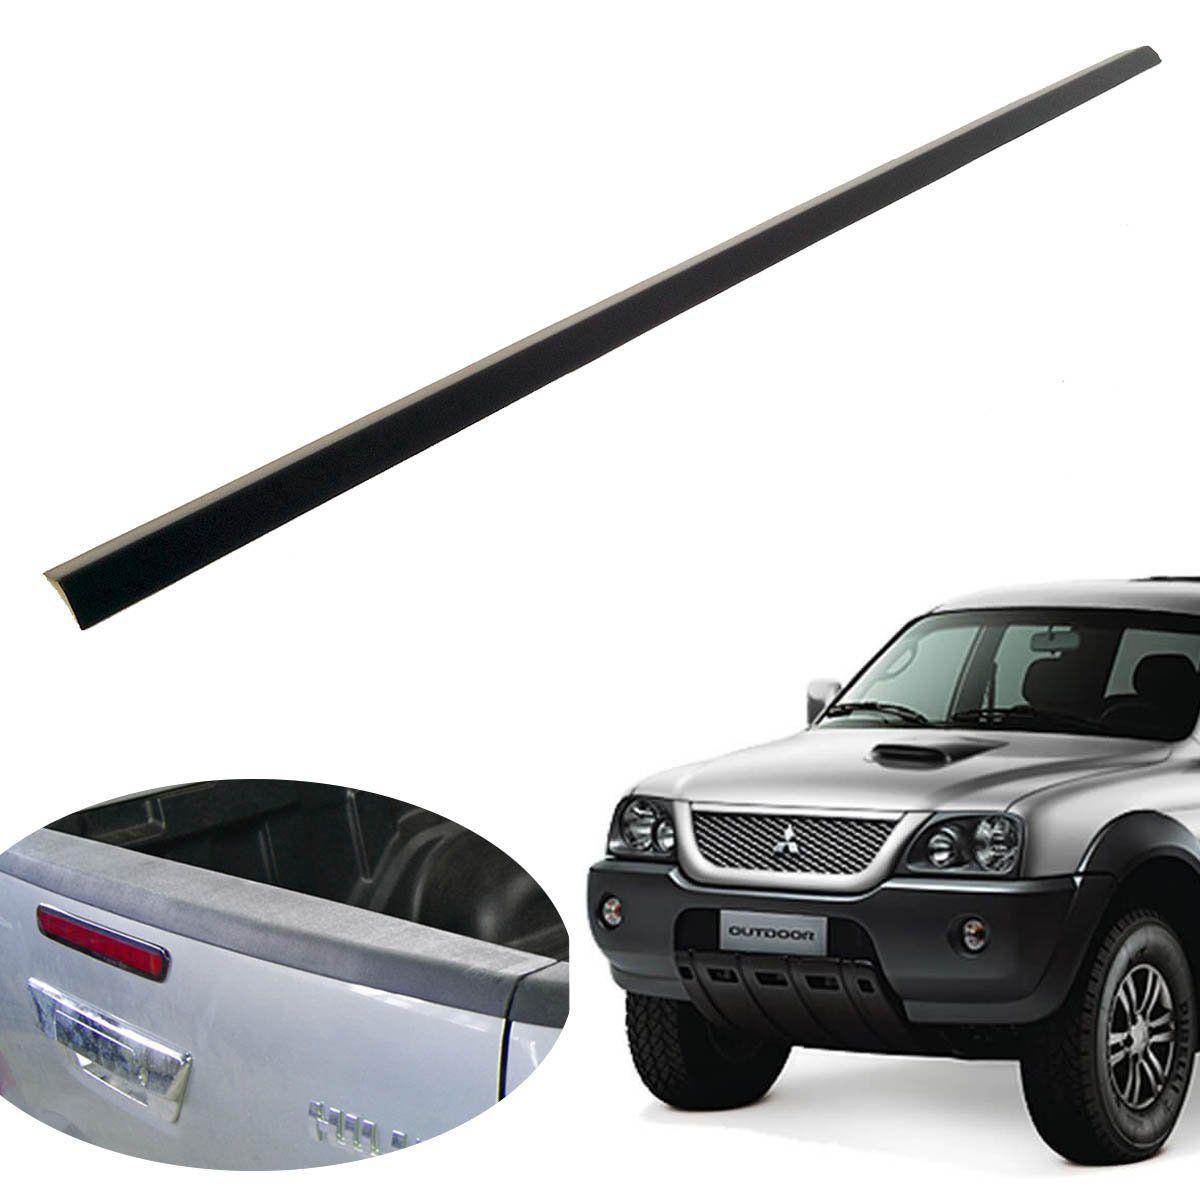 Protetor borda tampa caçamba L200 Sport 2004 a 2007 ou L200 Outdoor 2007 a 2012